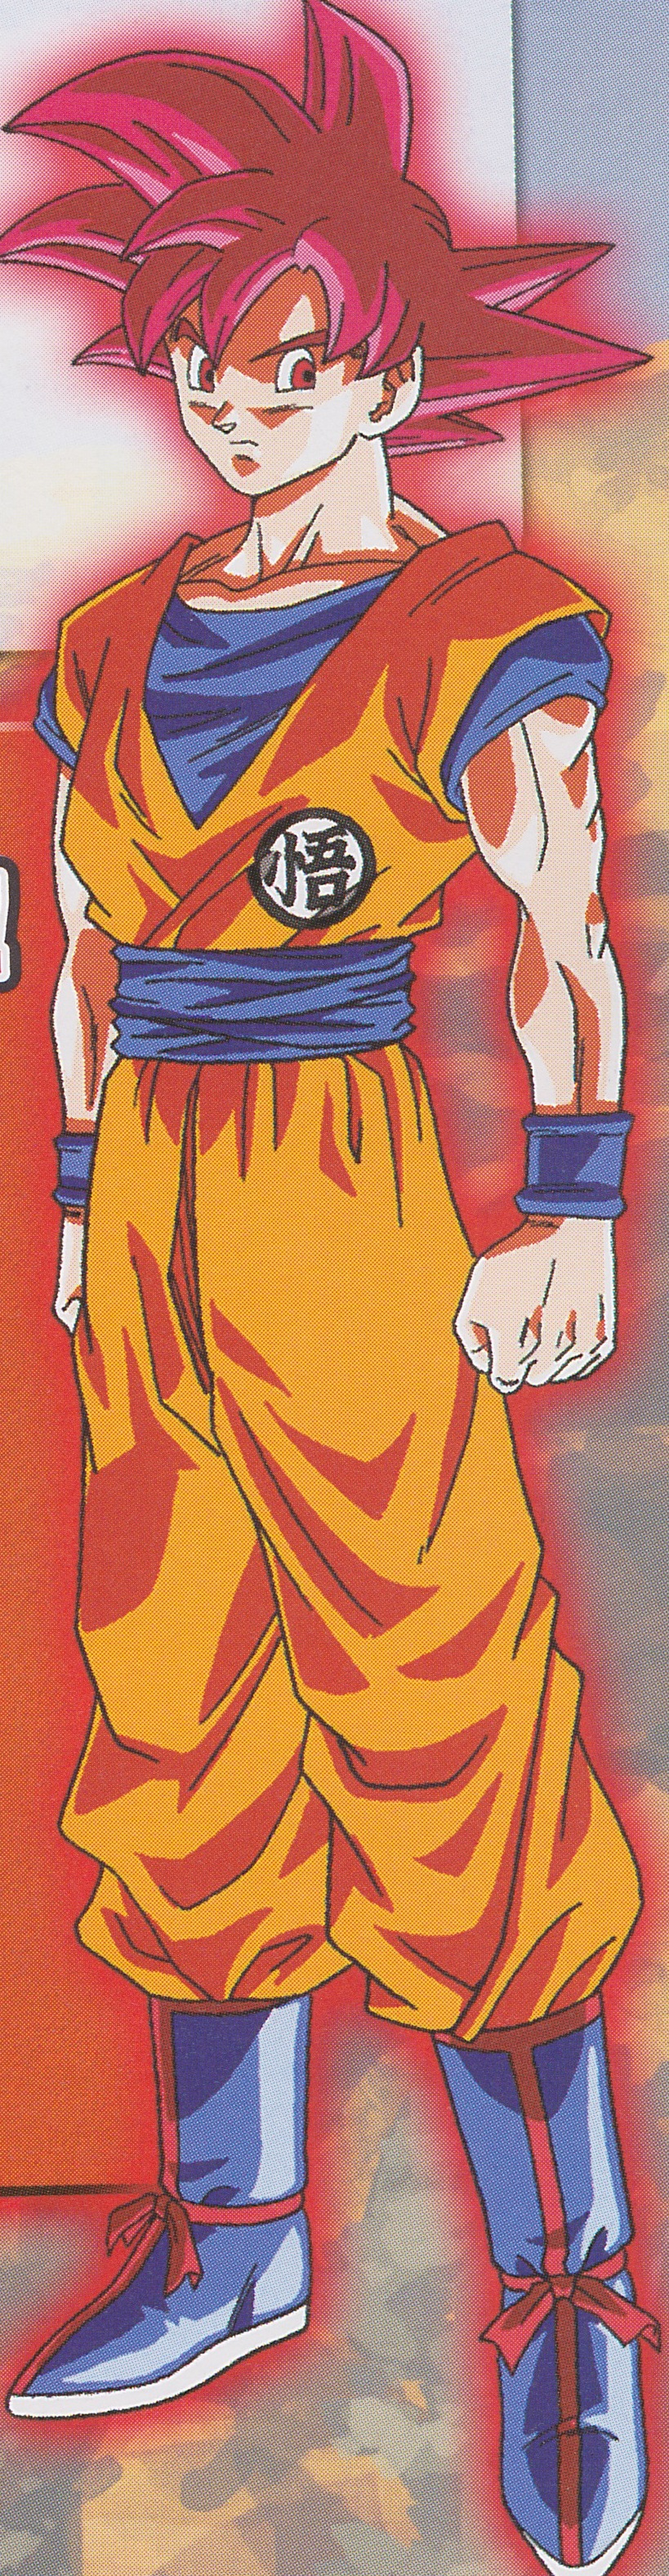 Dragon Ball Z: Battle of Gods- Ultimo trailer en version subtitulada + Duracion oficial de la pelicula + Nuevas Imagenes - Página 3 Super_Saiyan_God_Goku